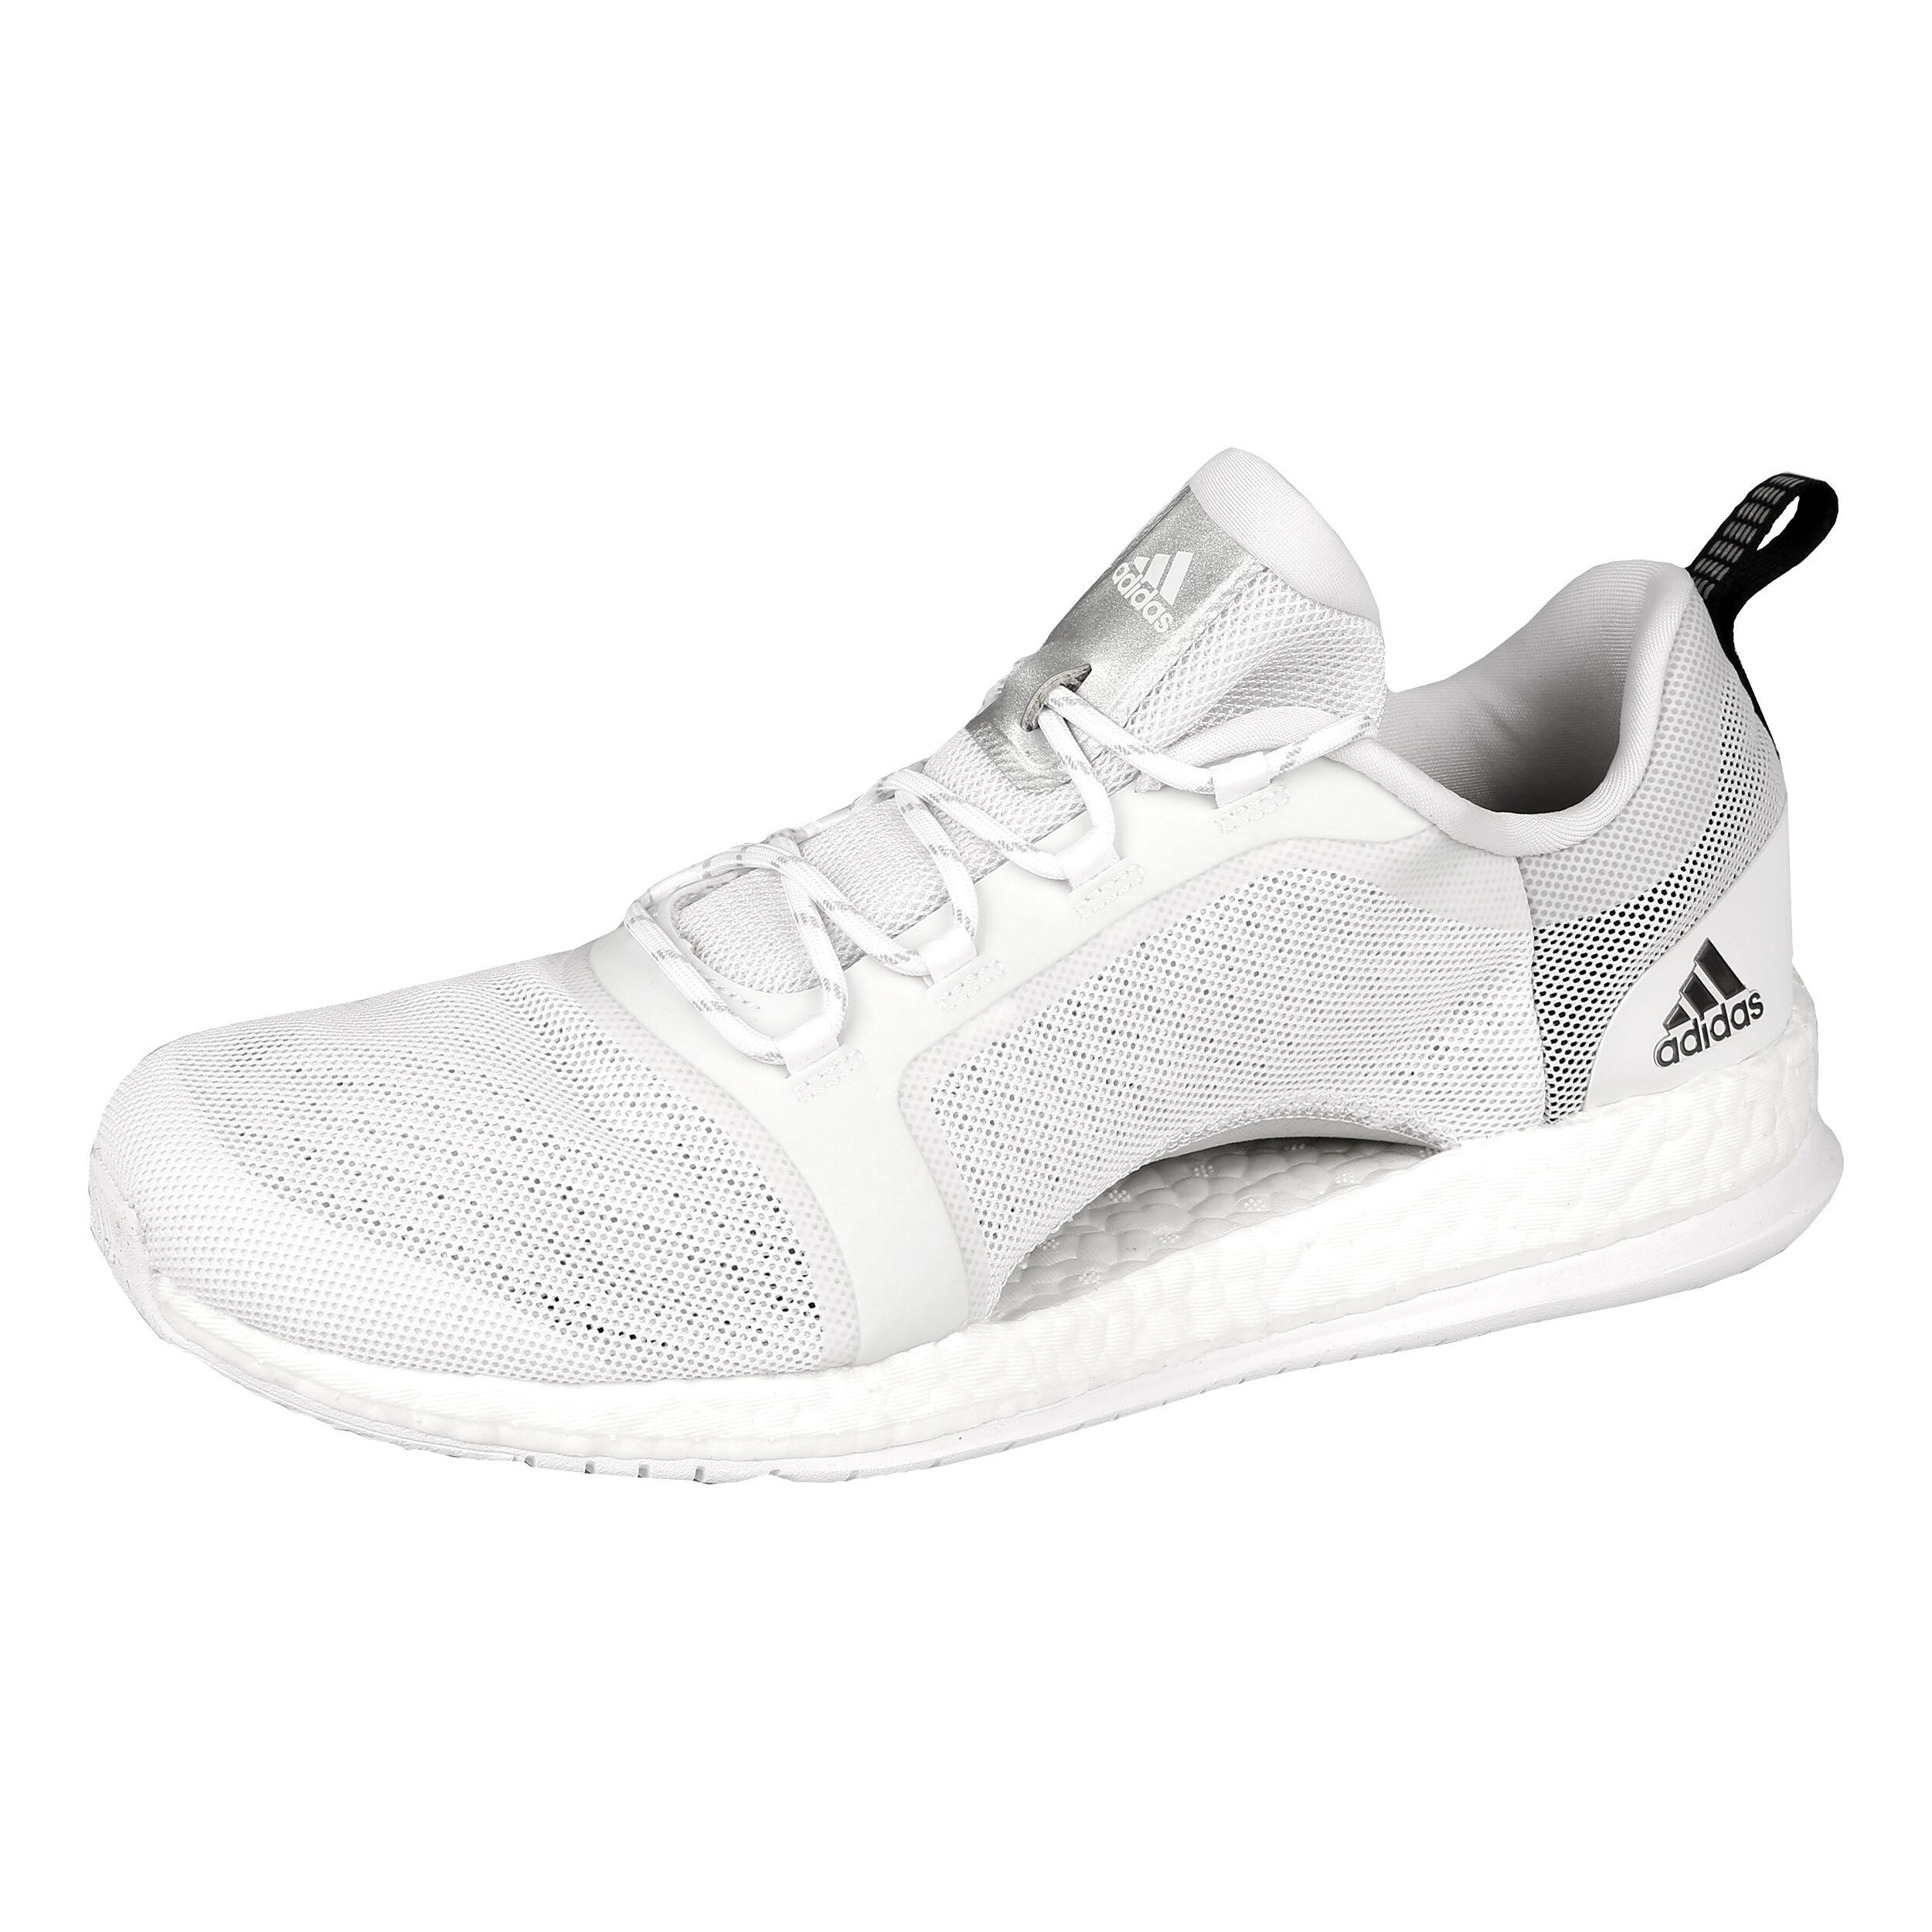 adidas PureBOOST X TR 2 Fitnessschuh Damen Weiß, Silber